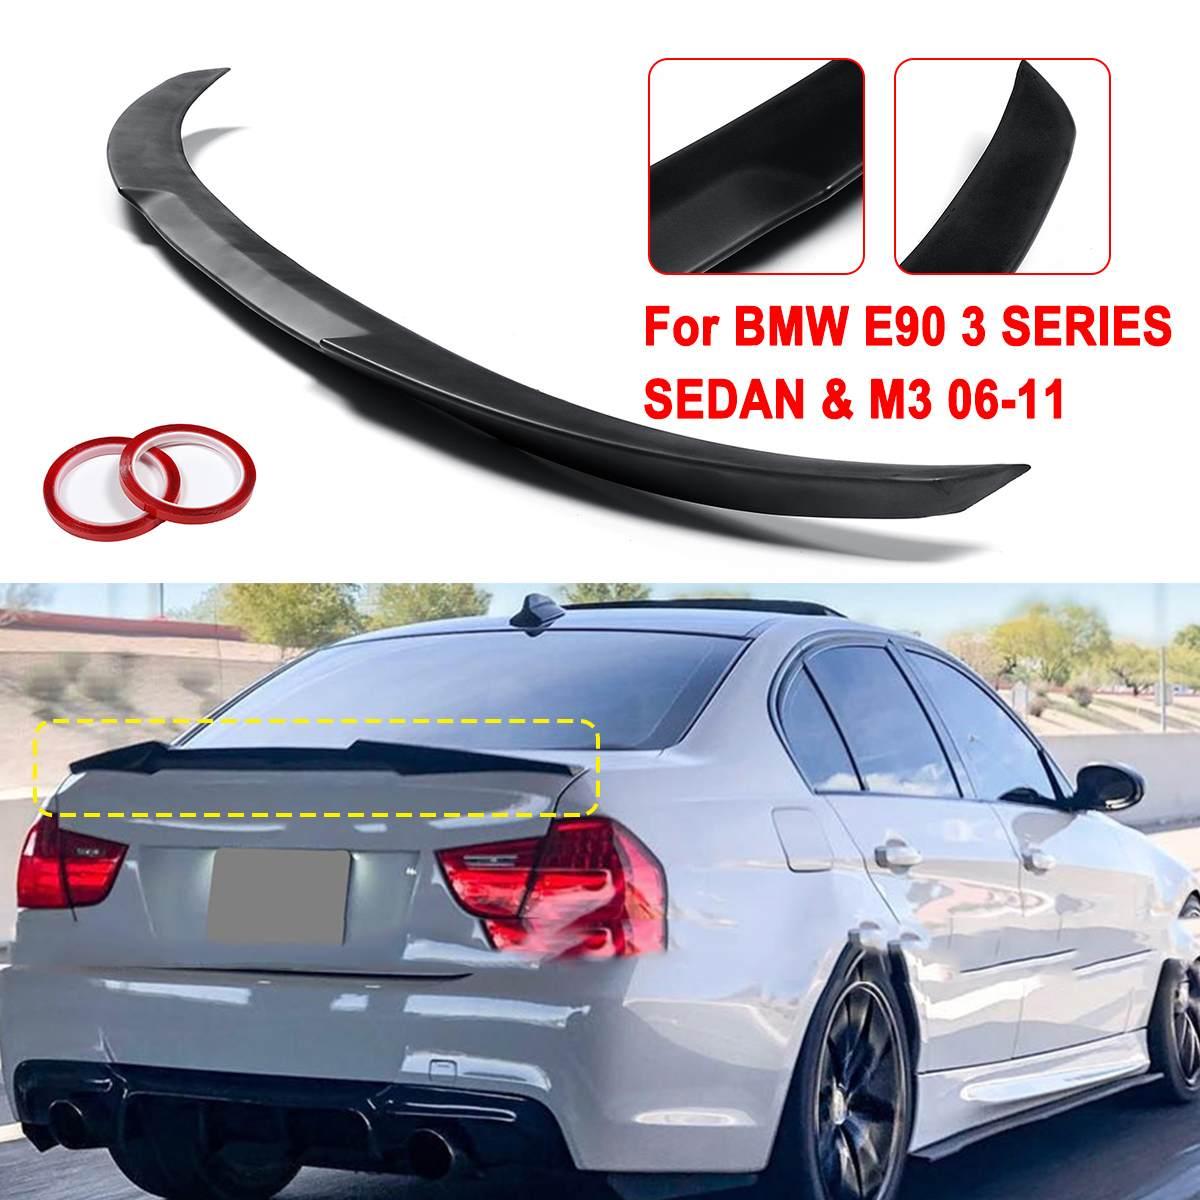 マット/光沢のある黒/炭素繊維スタイルのための ABS スポイラートランクスポイラーウイング M4-STYLE 2006-2011 Bmw E90 3 シリーズセダン & M3 2008-2012